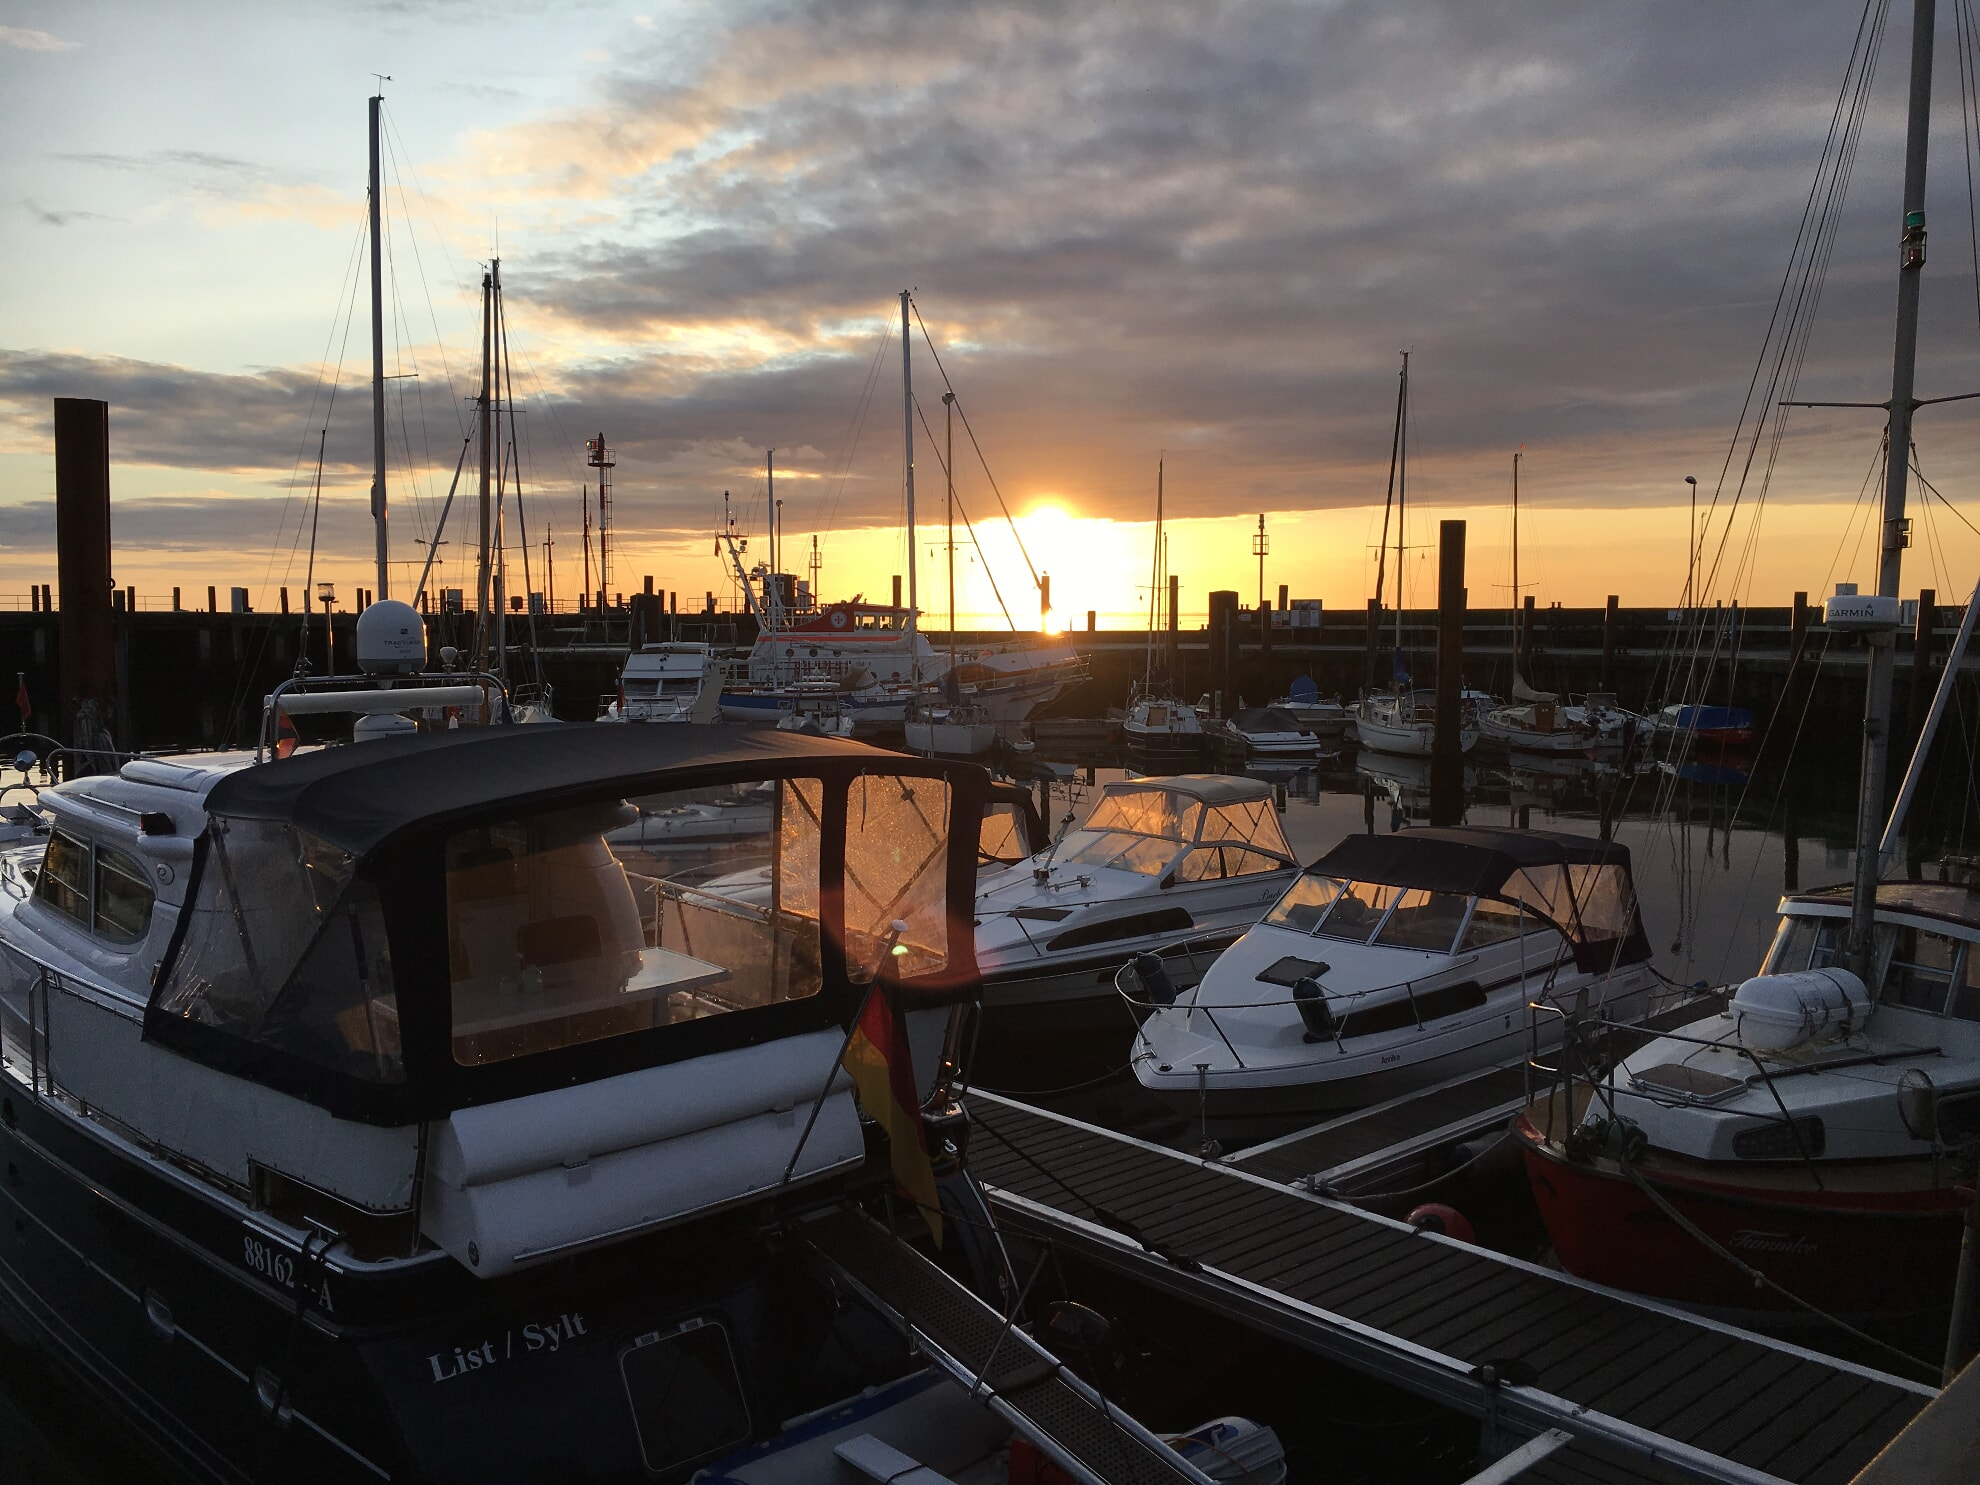 Lister Hafen bei Sonnenaufgang